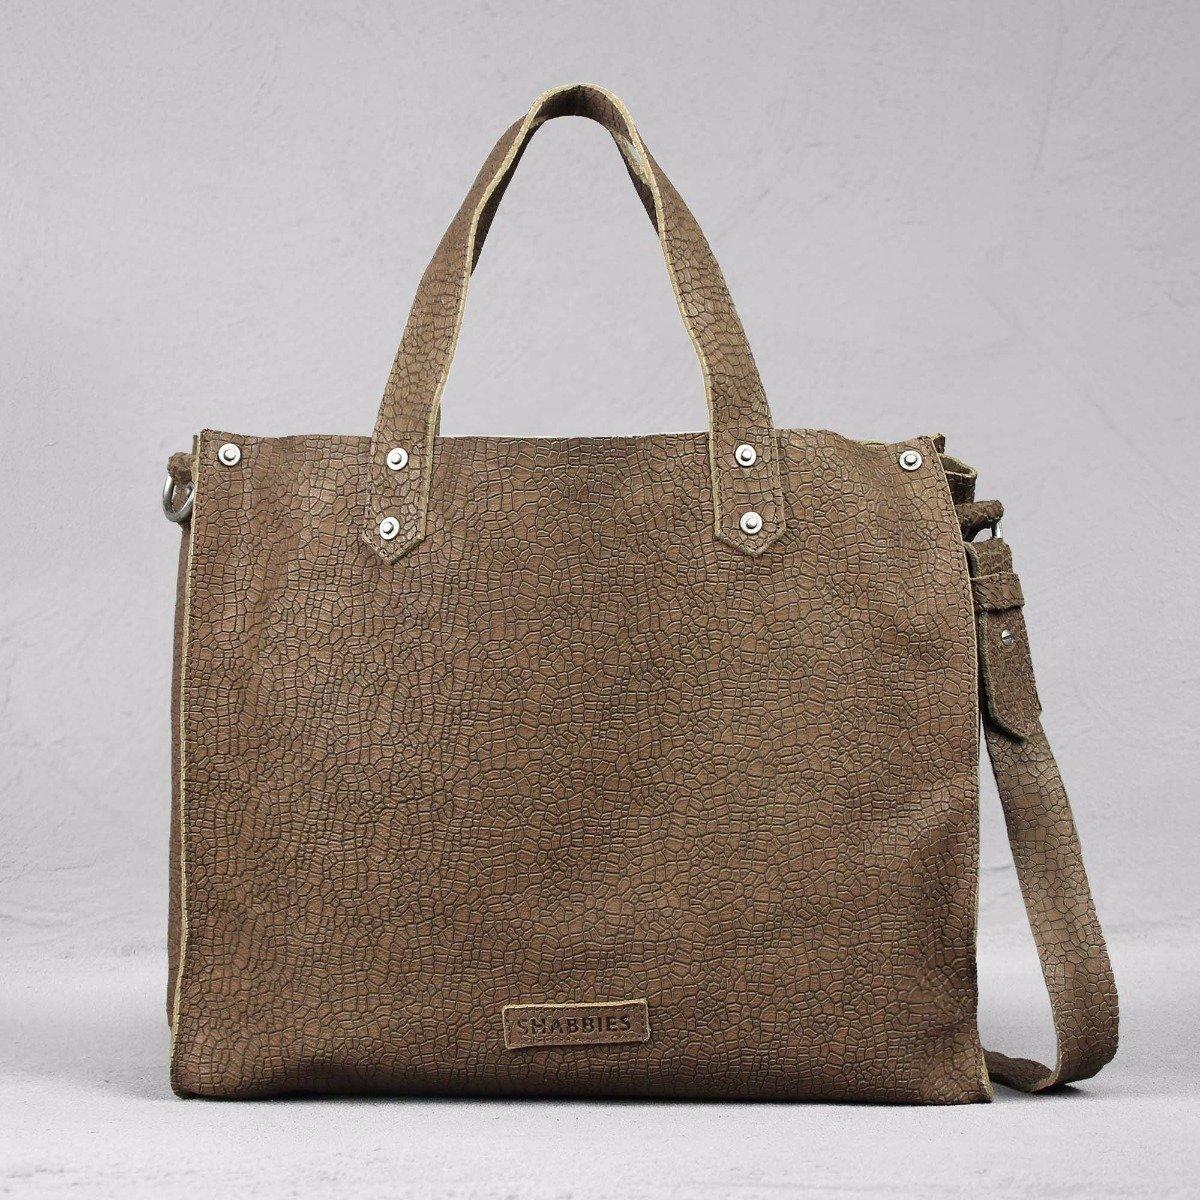 Shabbies Handbags Shabbies Handbags Shabbies Amsterdam Amsterdam Amsterdam Handbags Amsterdam Shabbies m0wyNv8PnO